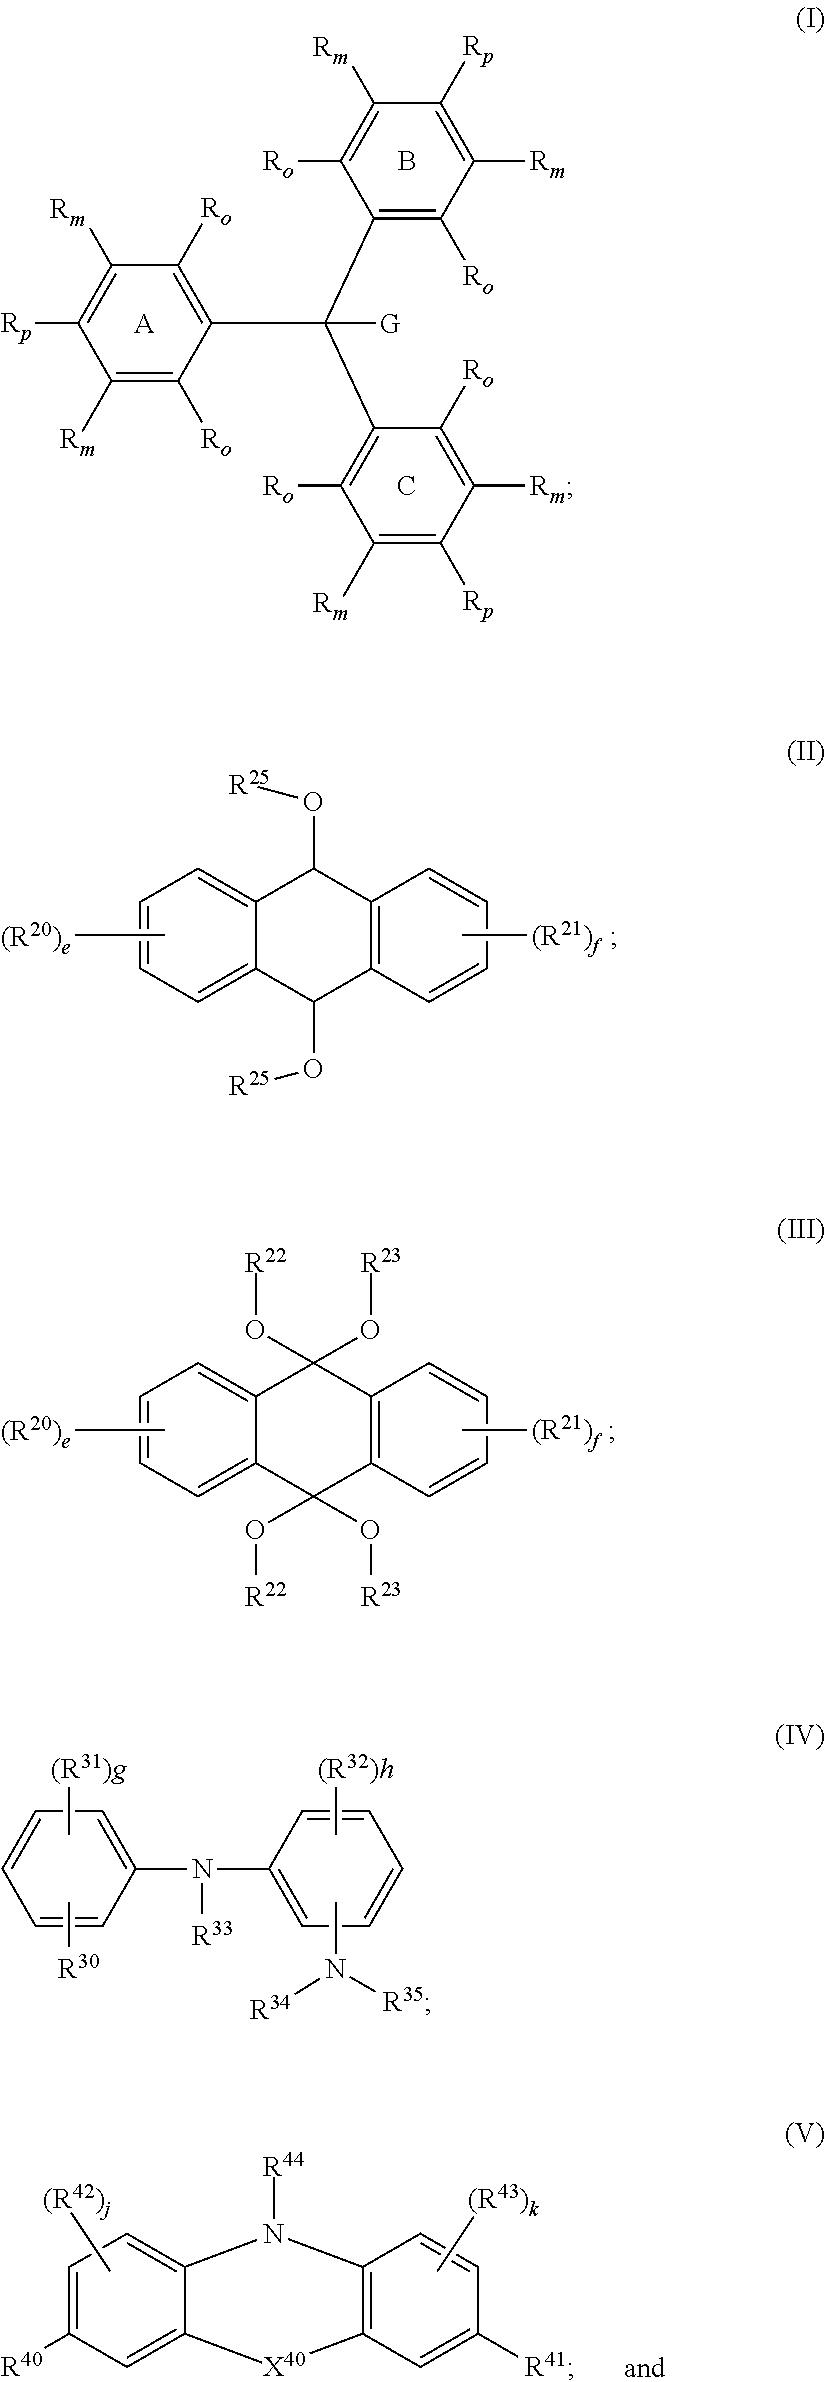 Figure US20180148672A1-20180531-C00001